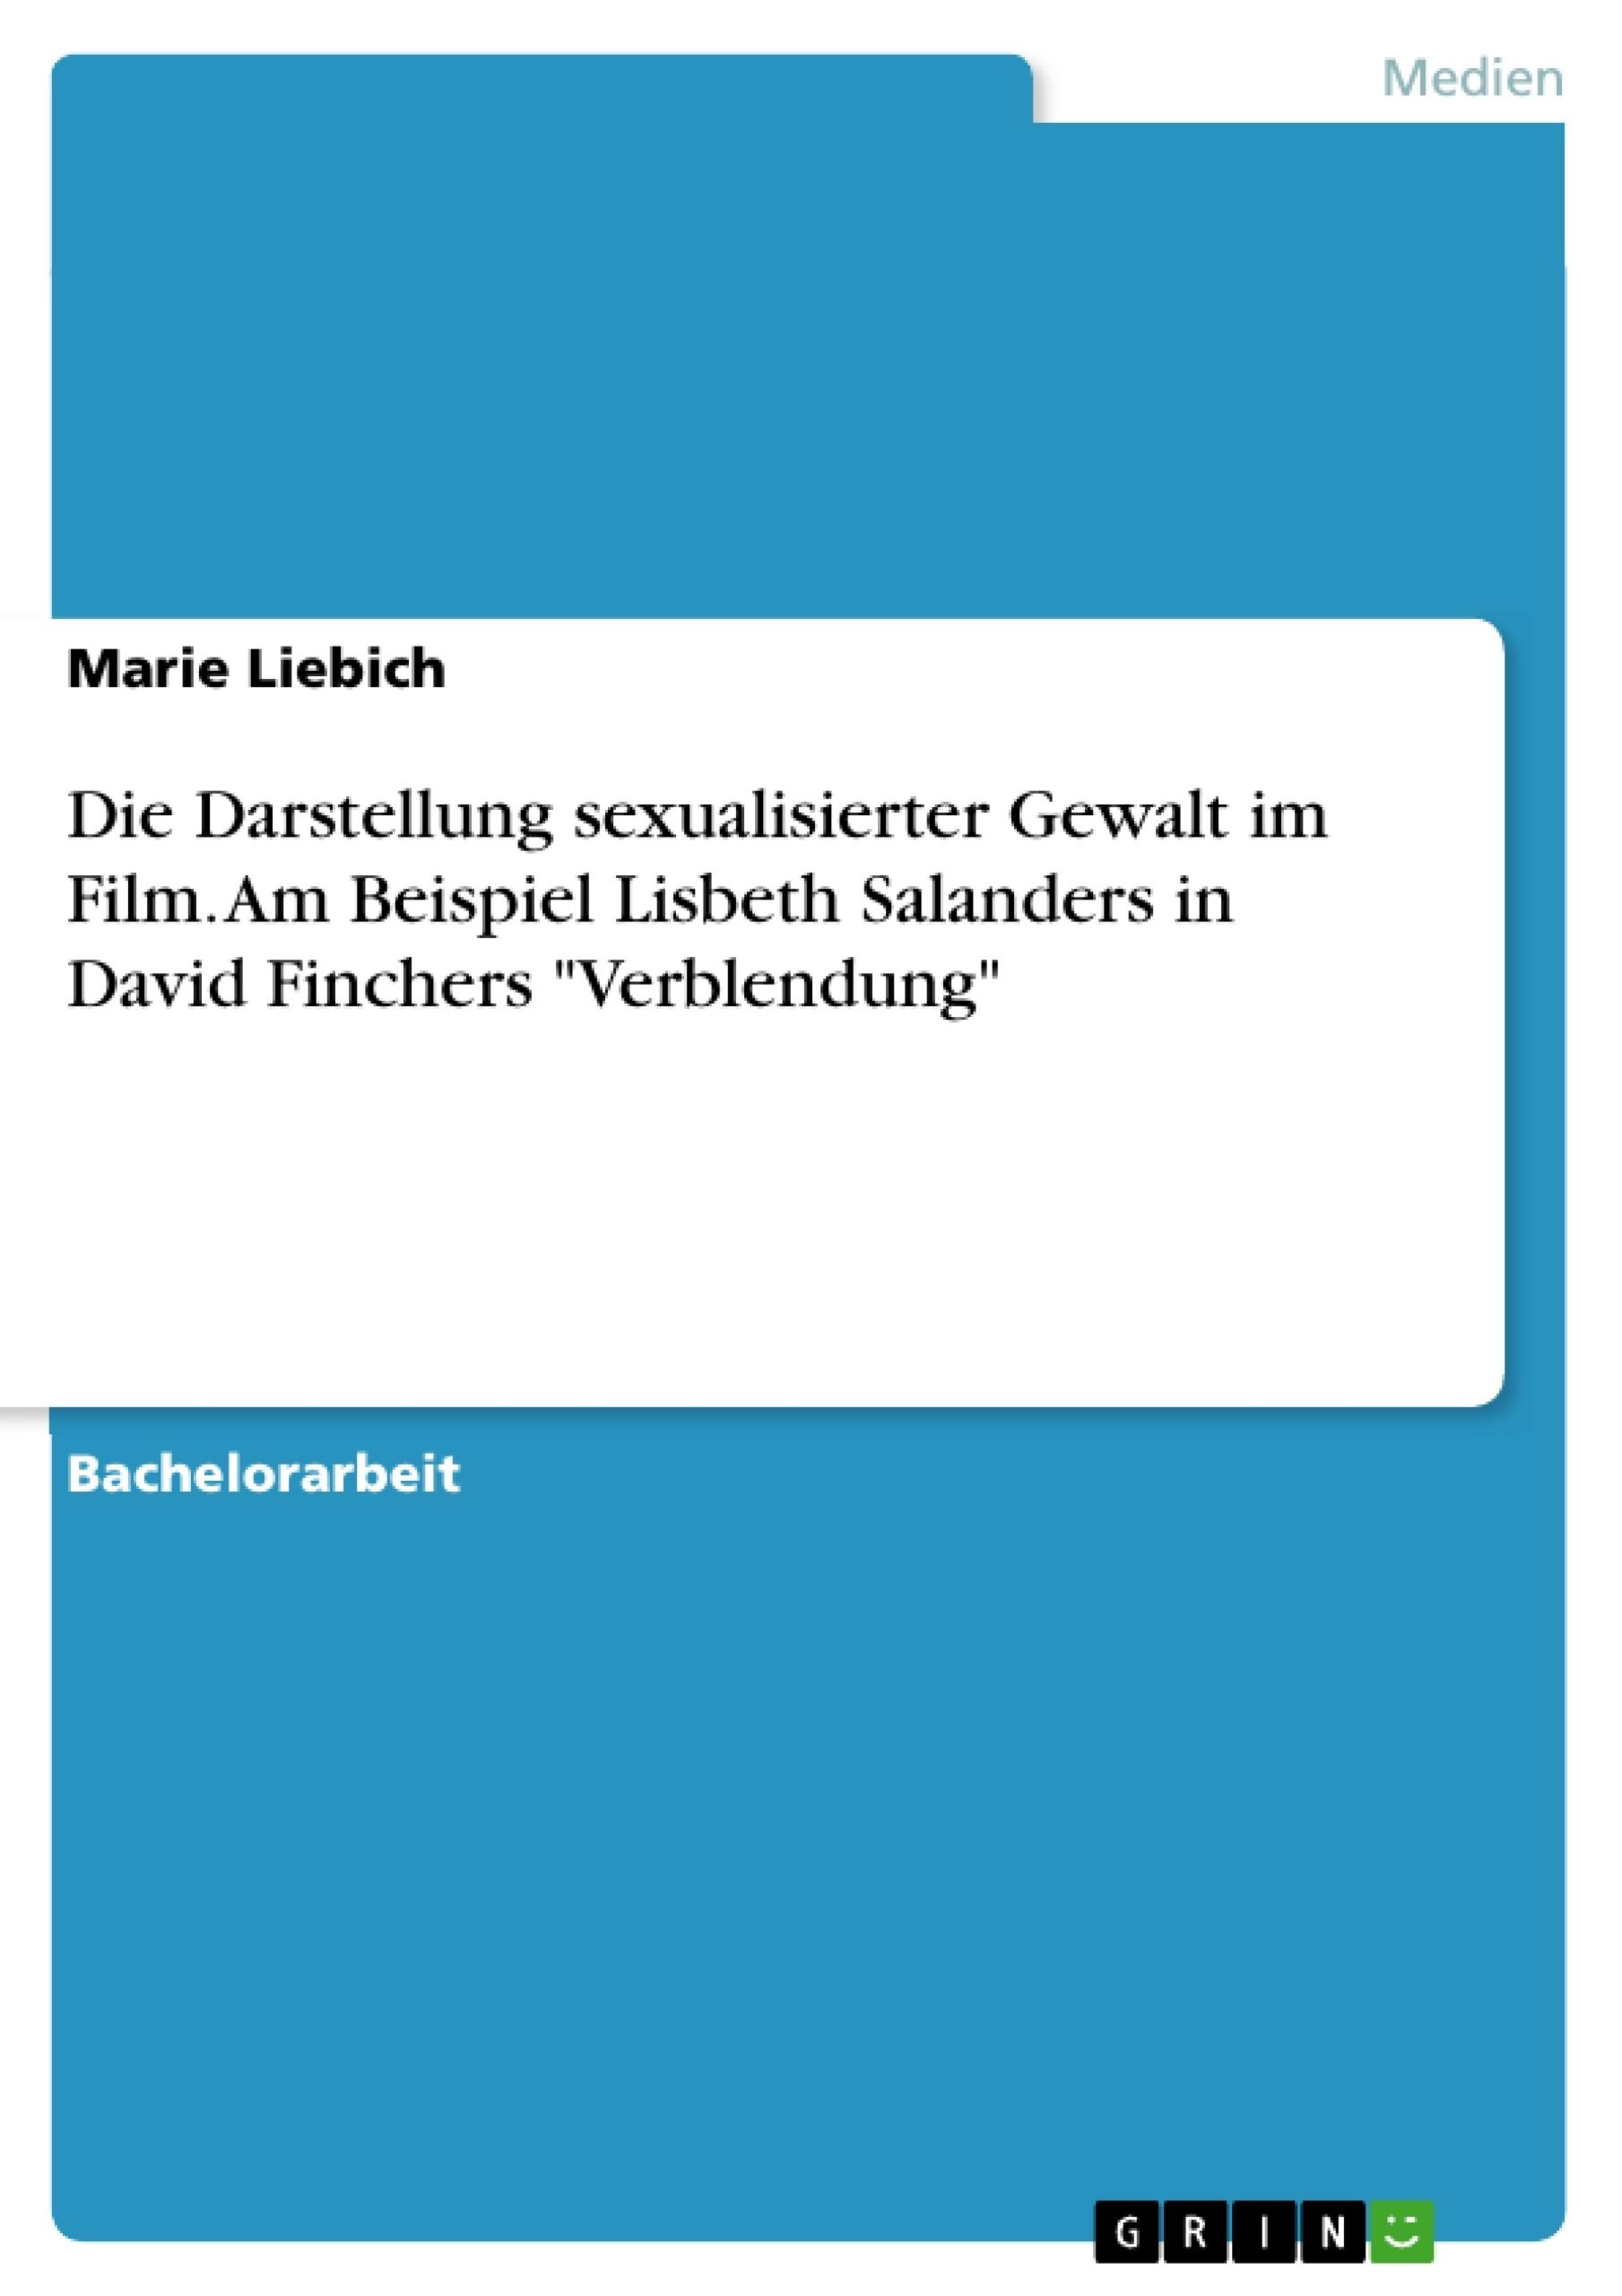 """Titel: Die Darstellung sexualisierter Gewalt im Film. Am Beispiel Lisbeth Salanders in David Finchers """"Verblendung"""""""